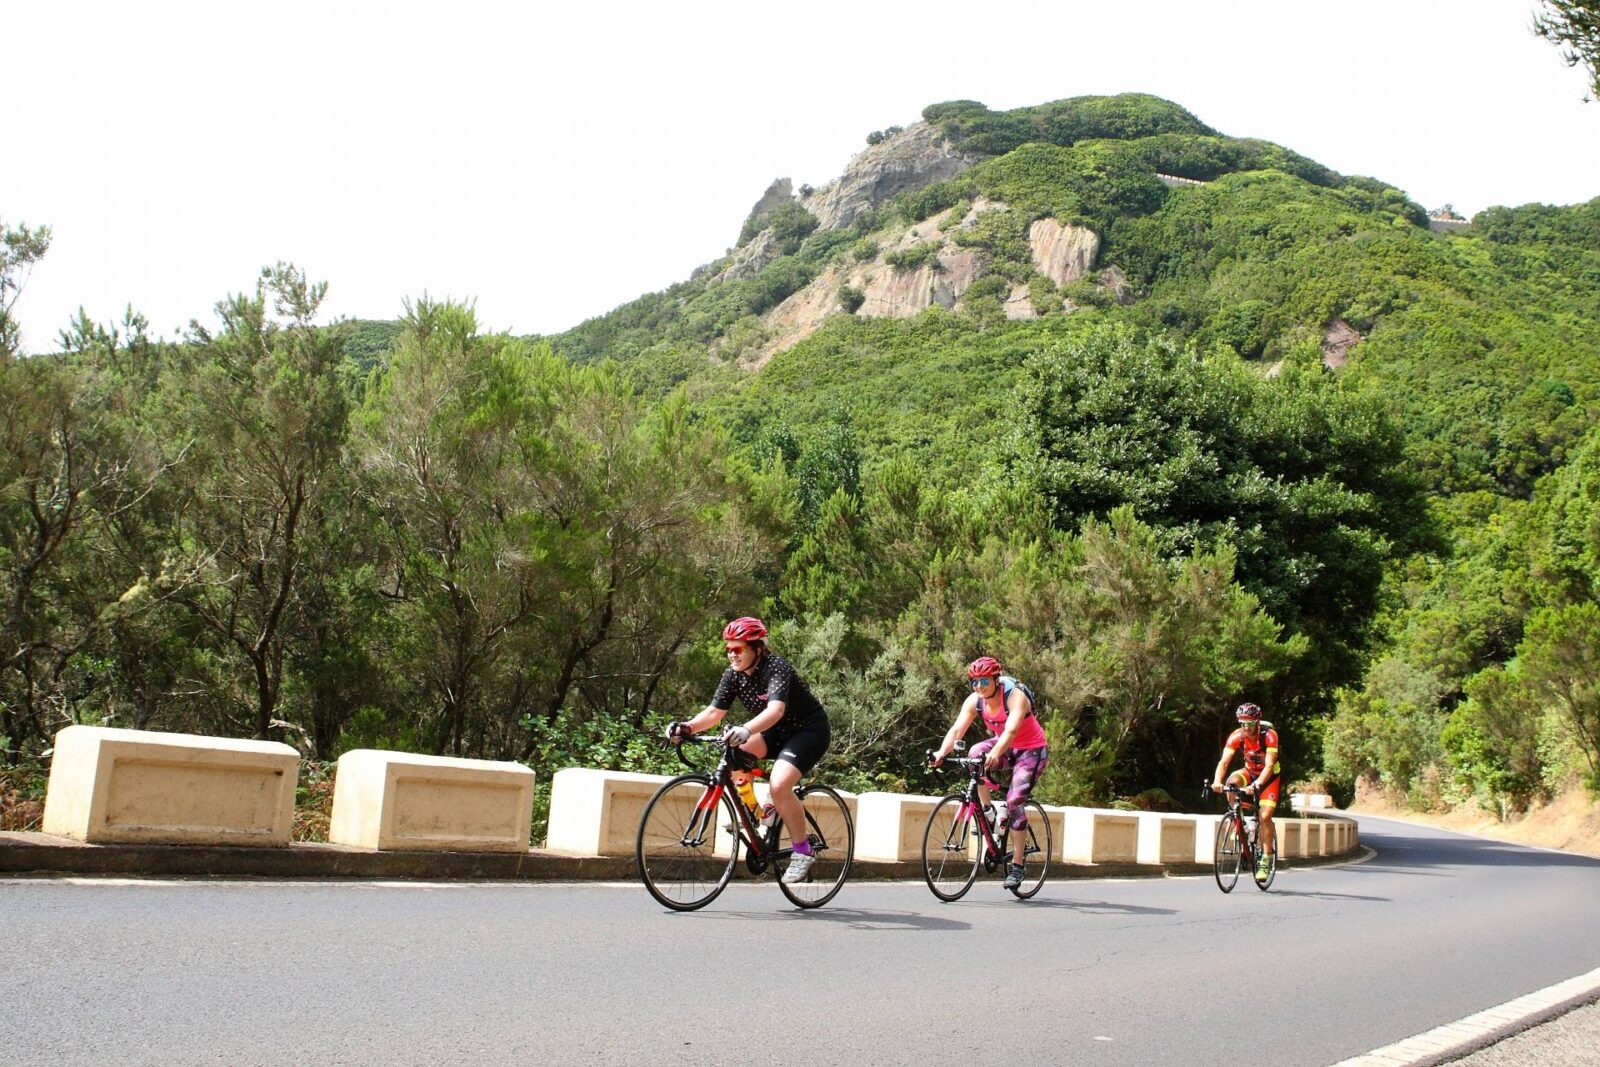 Cycling in Tenerife